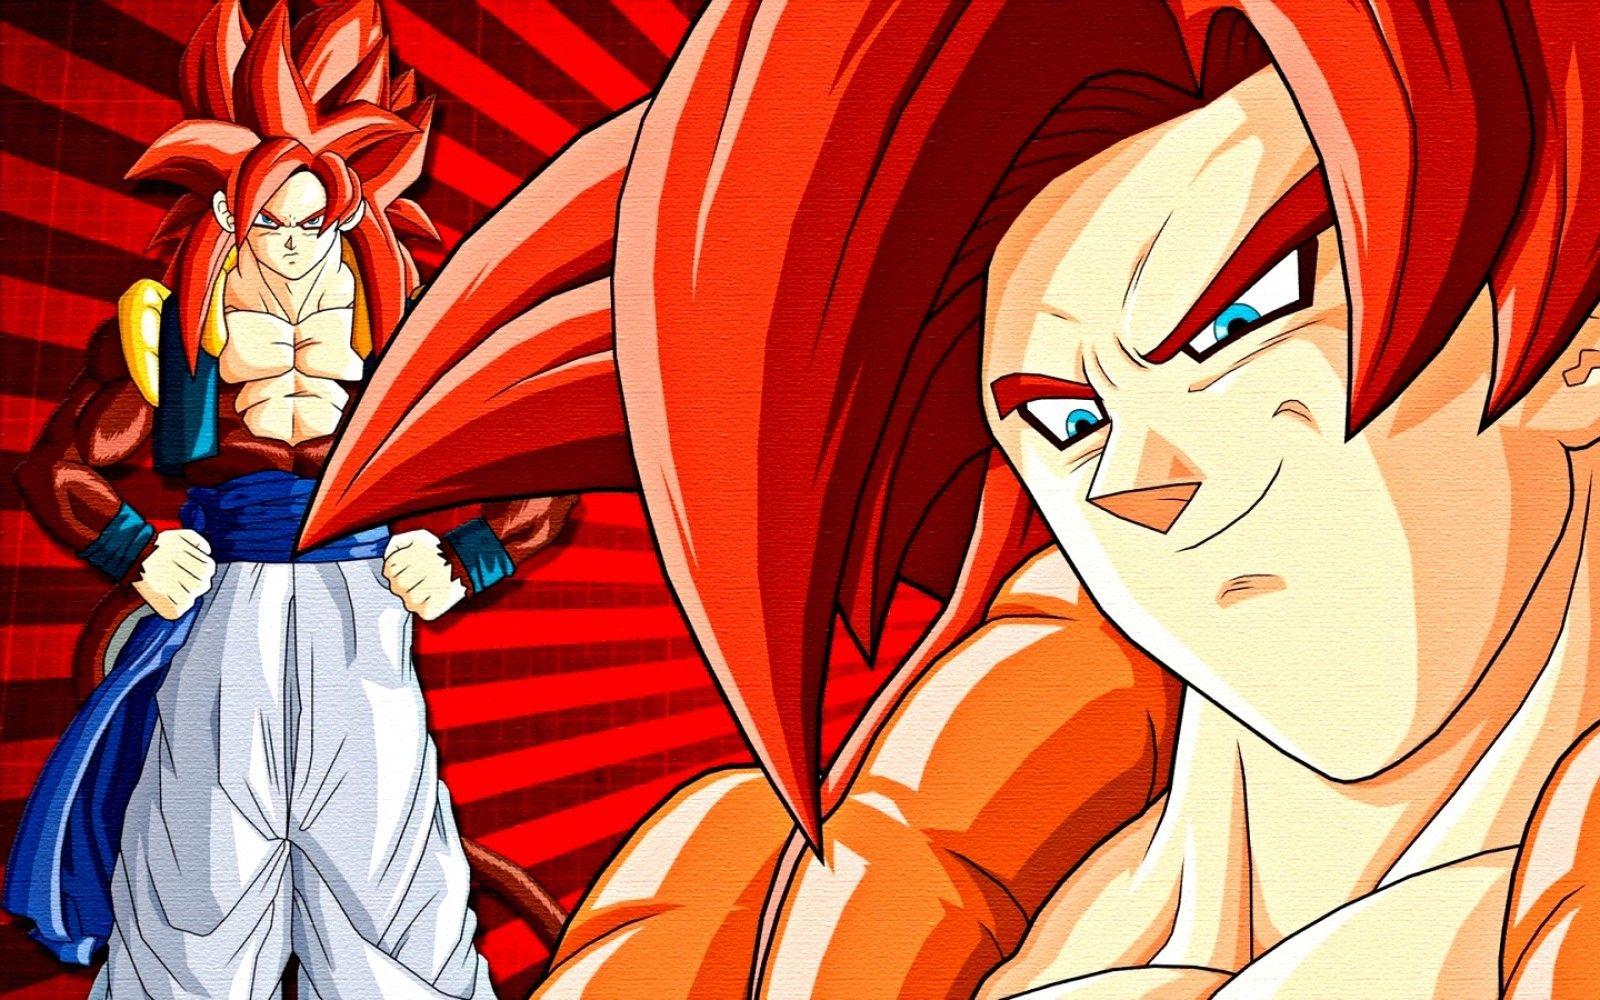 Dragon Ball Z Super Gogeta Fusion Ssj 4 Wallpaper Dragon Ball Z